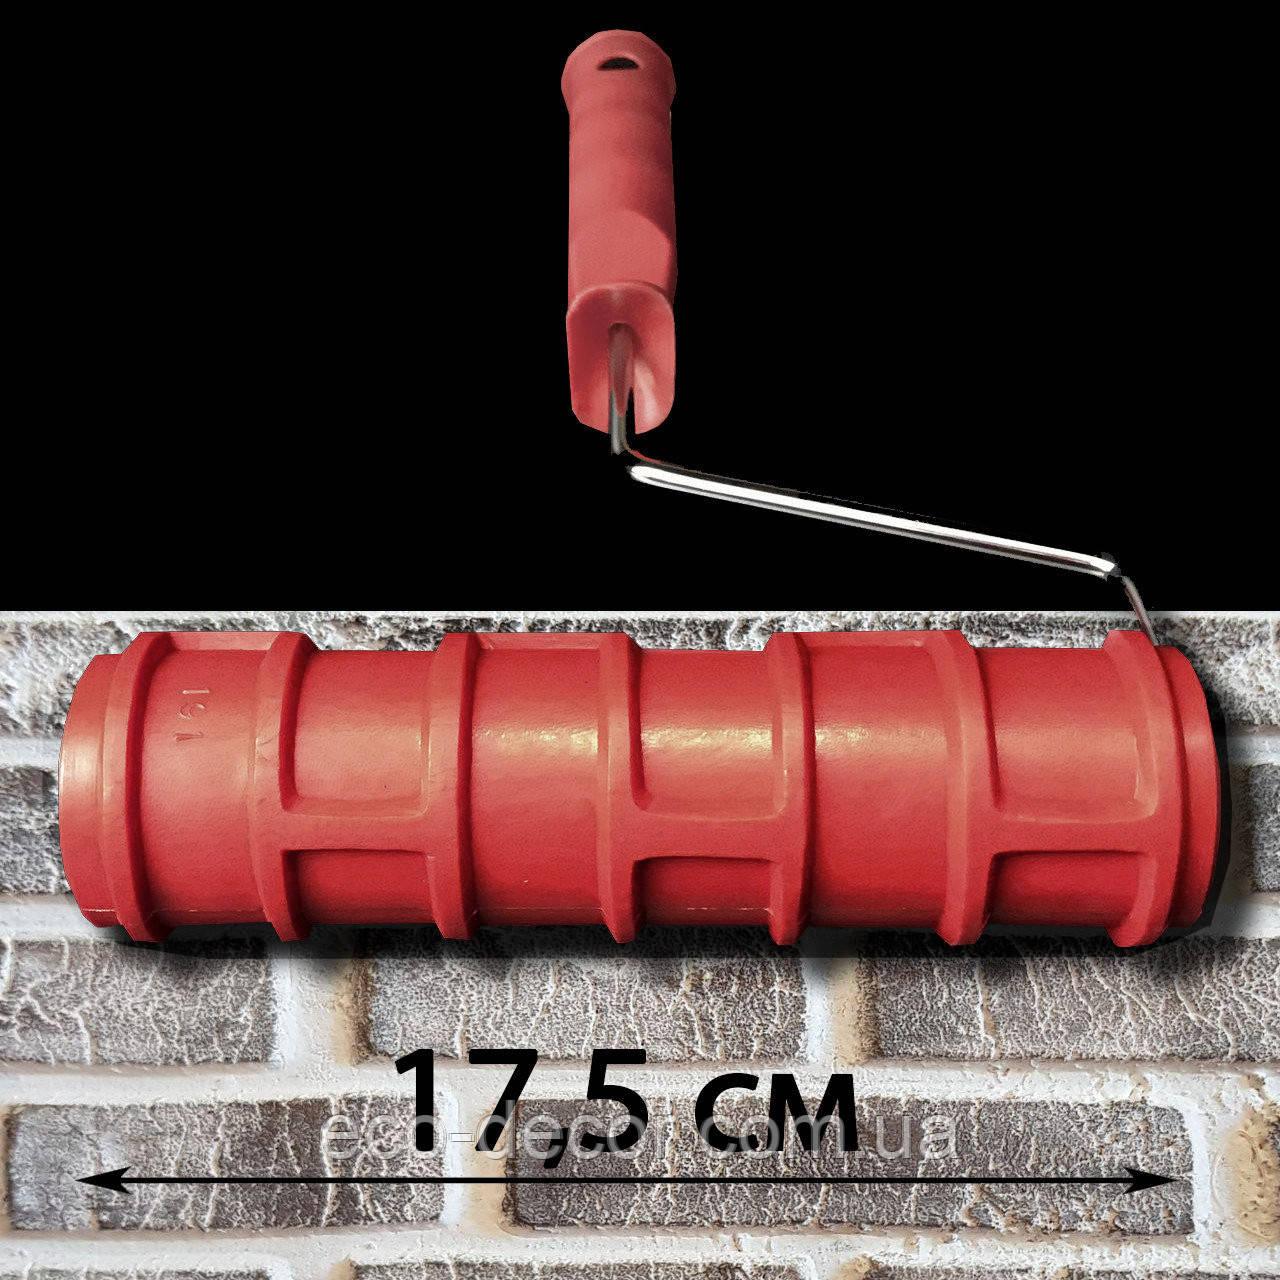 Валик для декоративного бетона купить заказать изделие из бетона